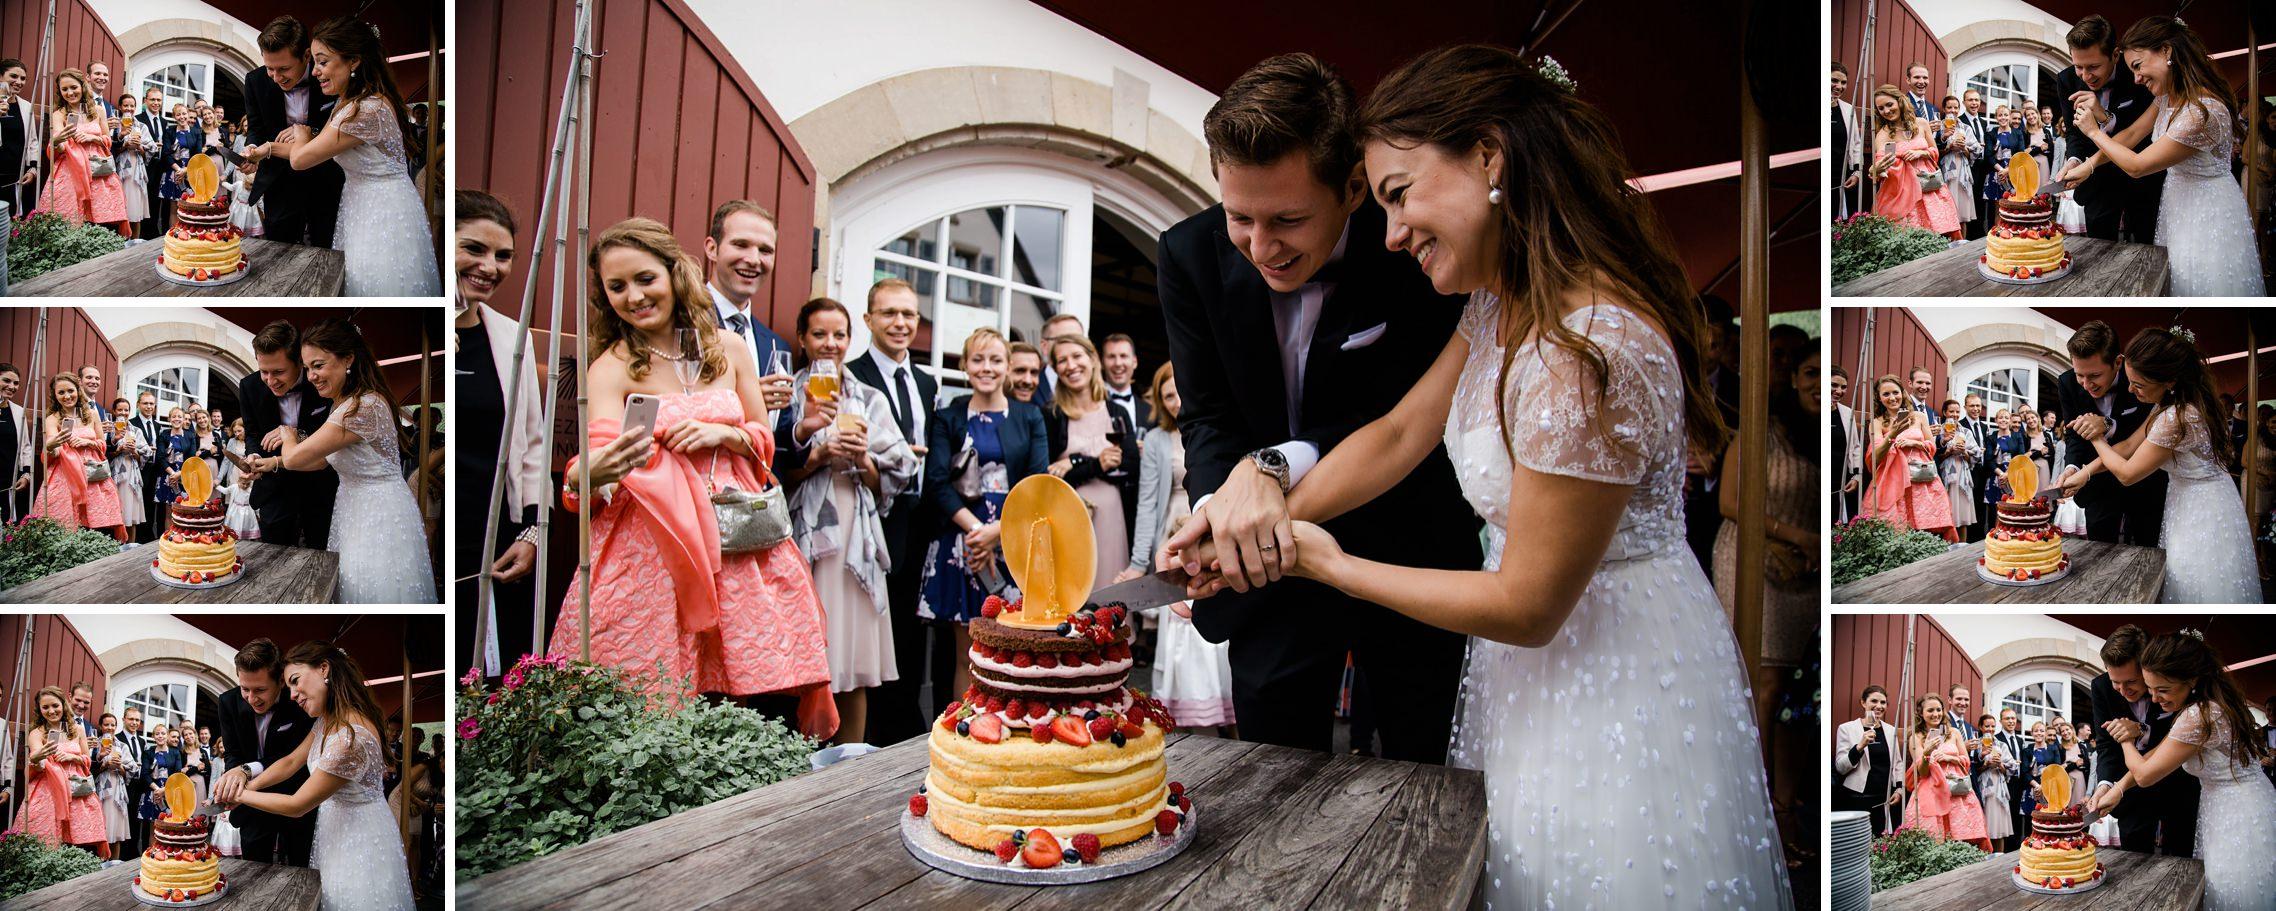 Lustige Bildfolge vom Anschneiden der Hochzeitstorte auf dem Gut Hermannsberg.